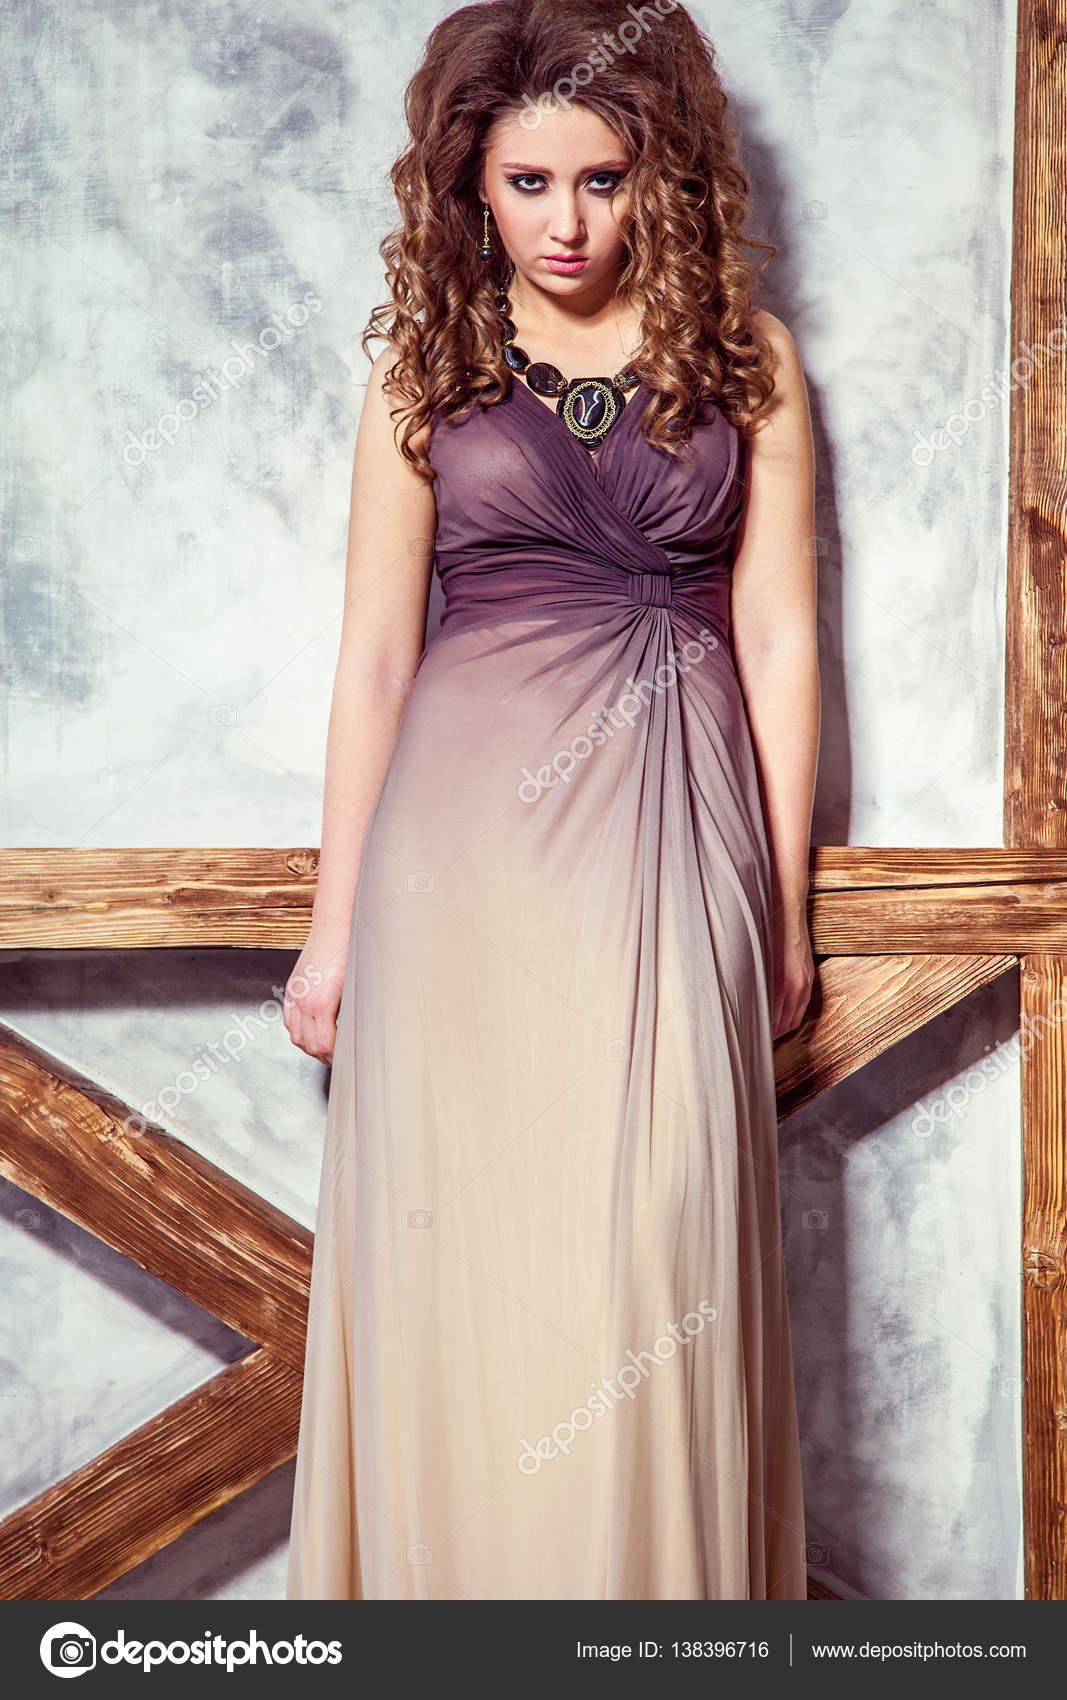 fa3110f628db Modelka s dlouhé šaty a kudrnatý účes a make-up pózuje u stěny s dřevěnou  tyč. Studio záběr– stock obrázky